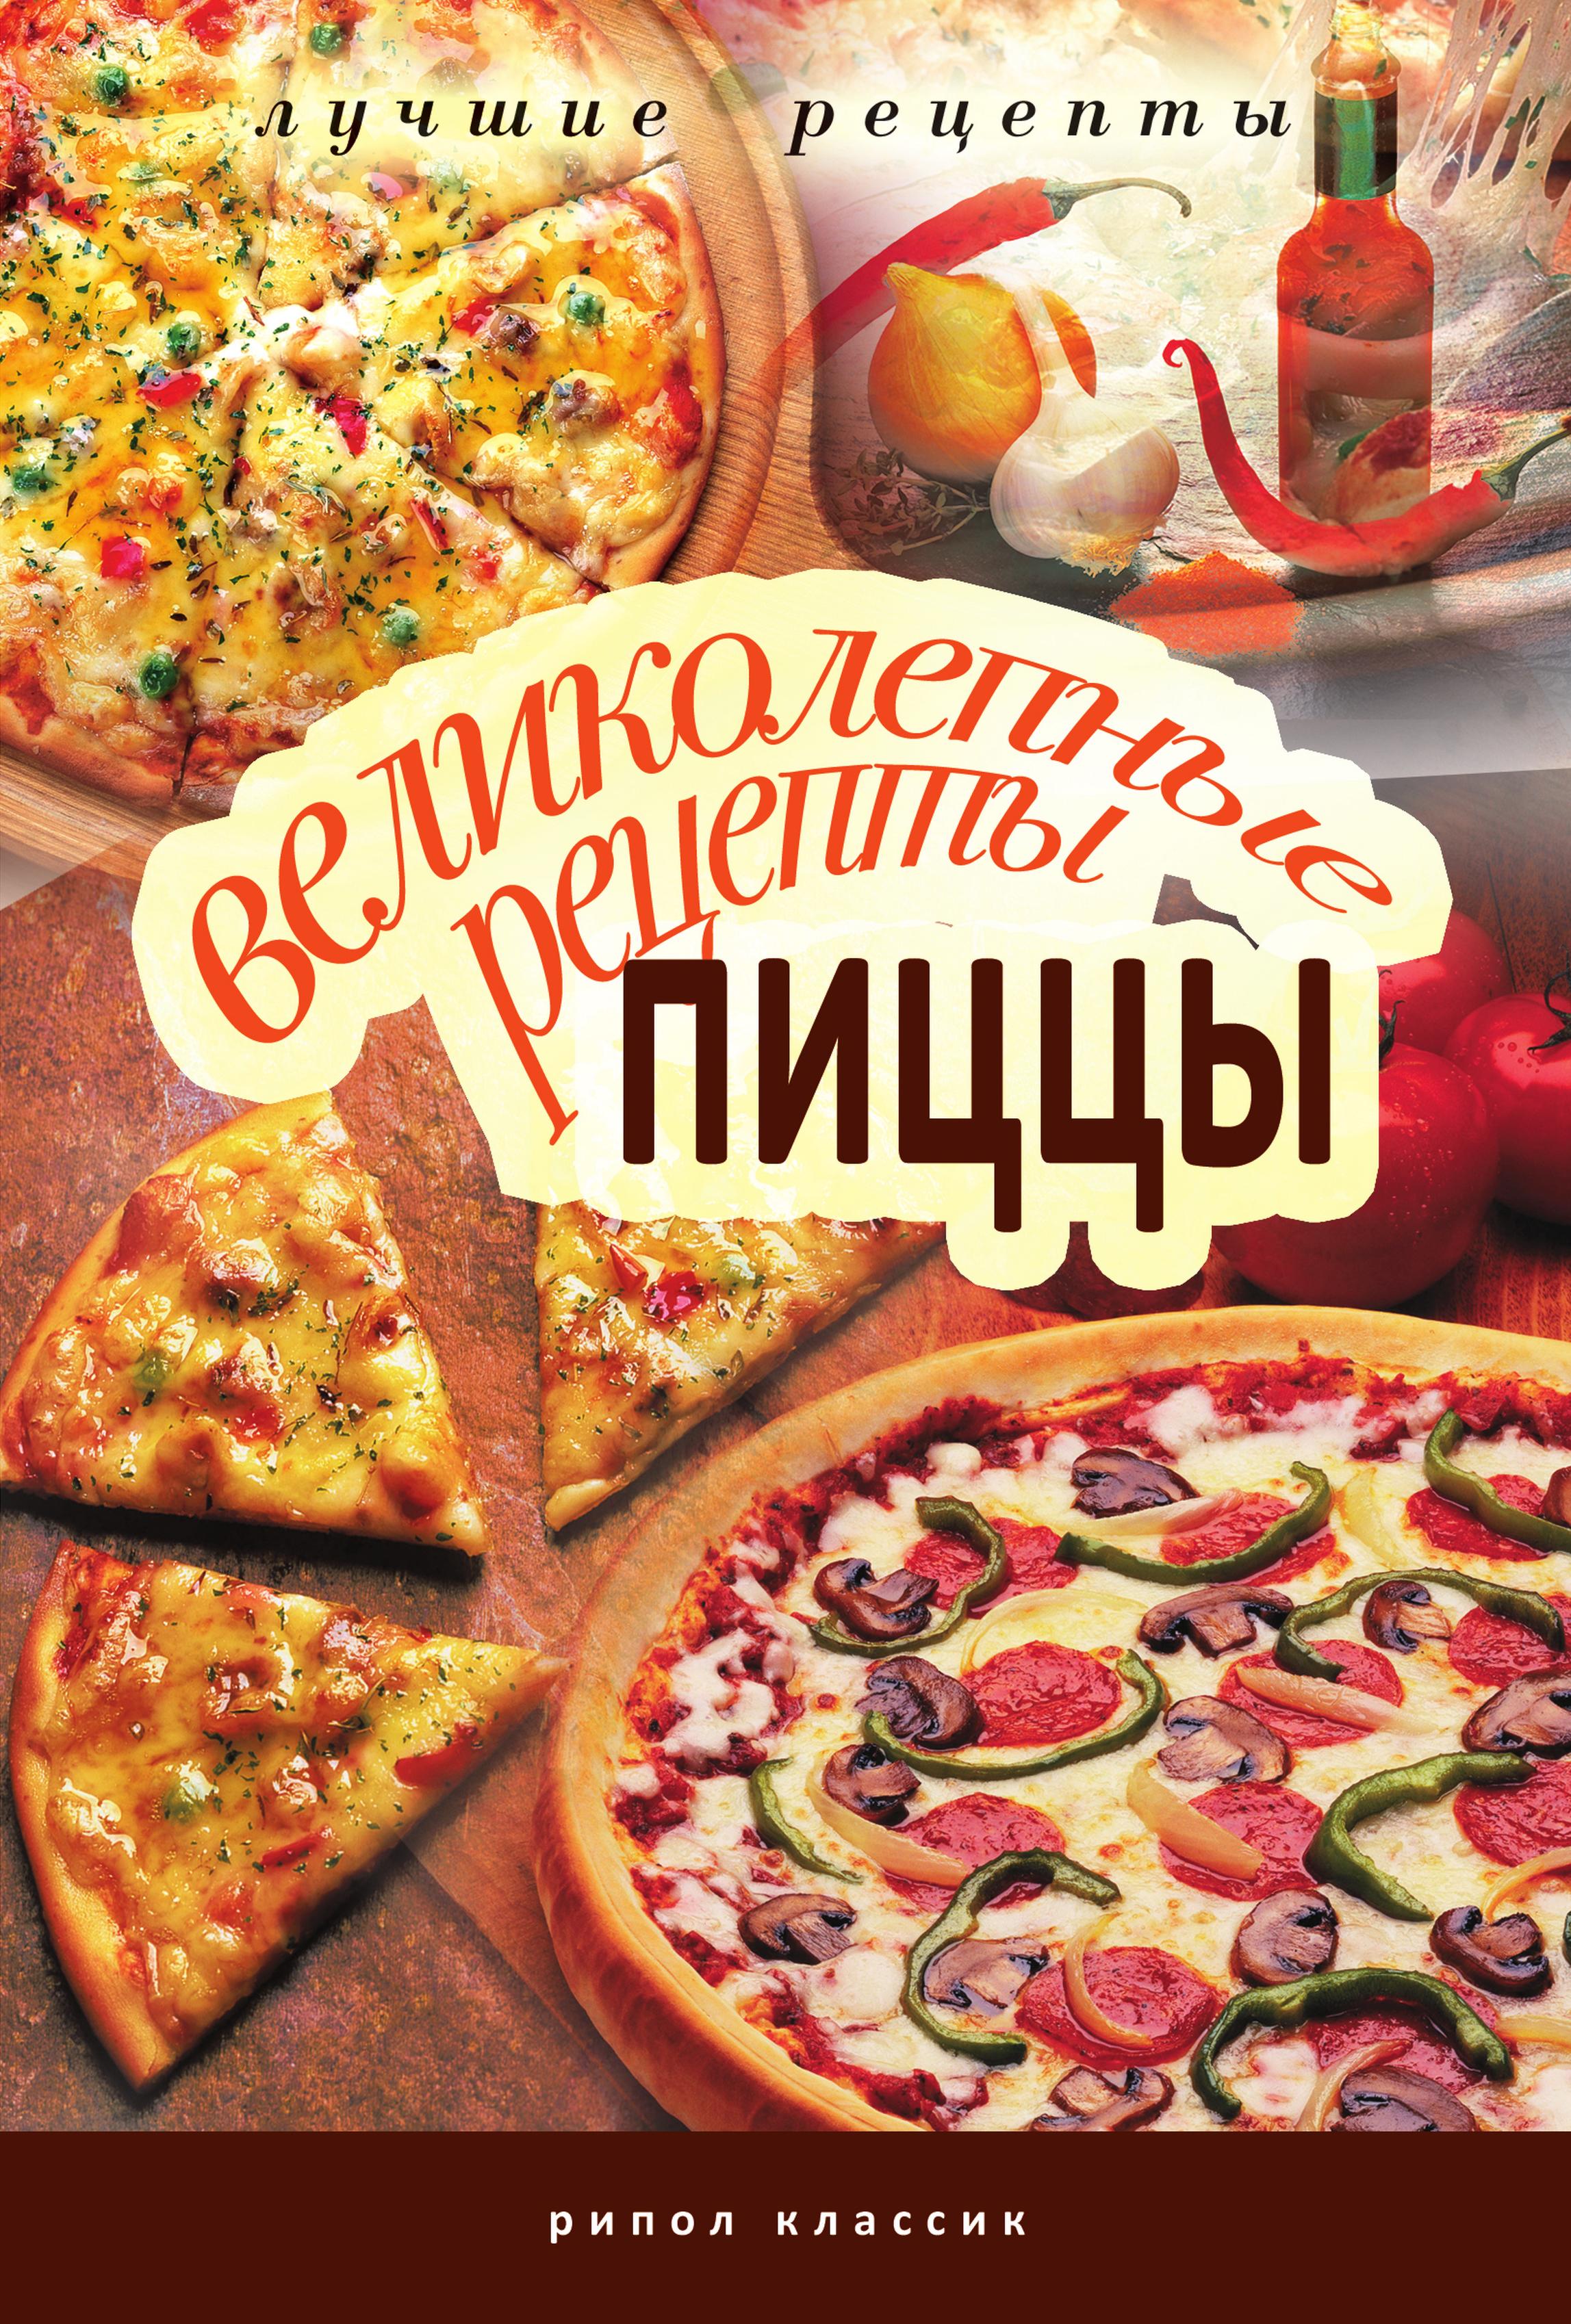 Отсутствует Великолепные рецепты пиццы картаев павел современные рецепты пиццы